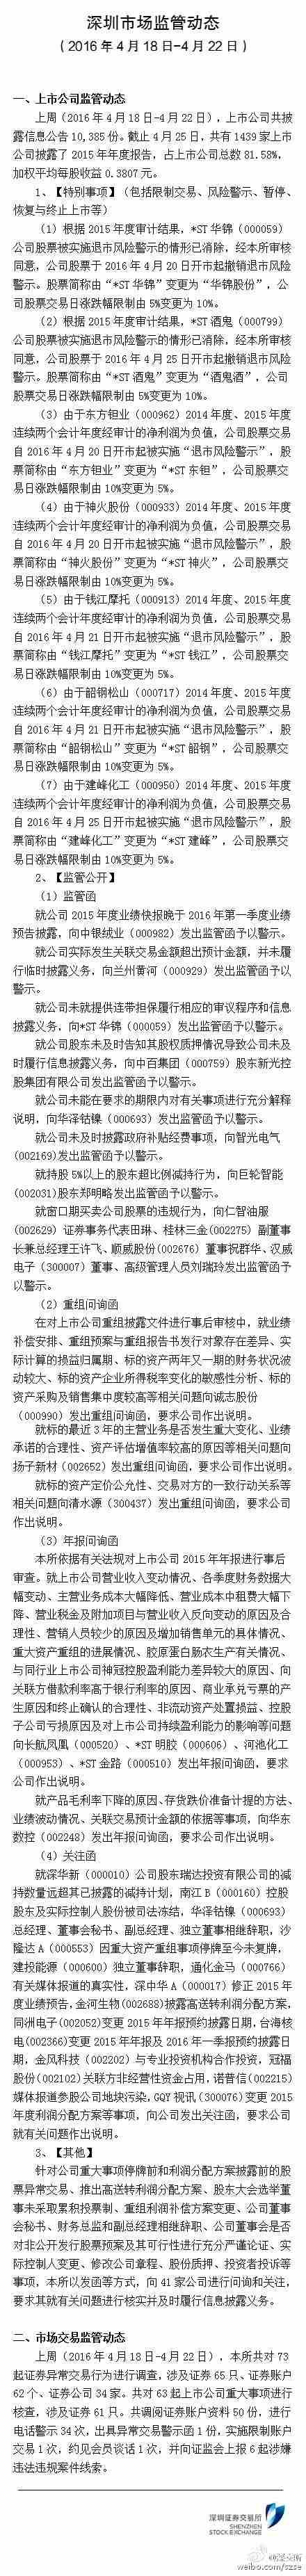 沙龙太阳城娱乐场官网